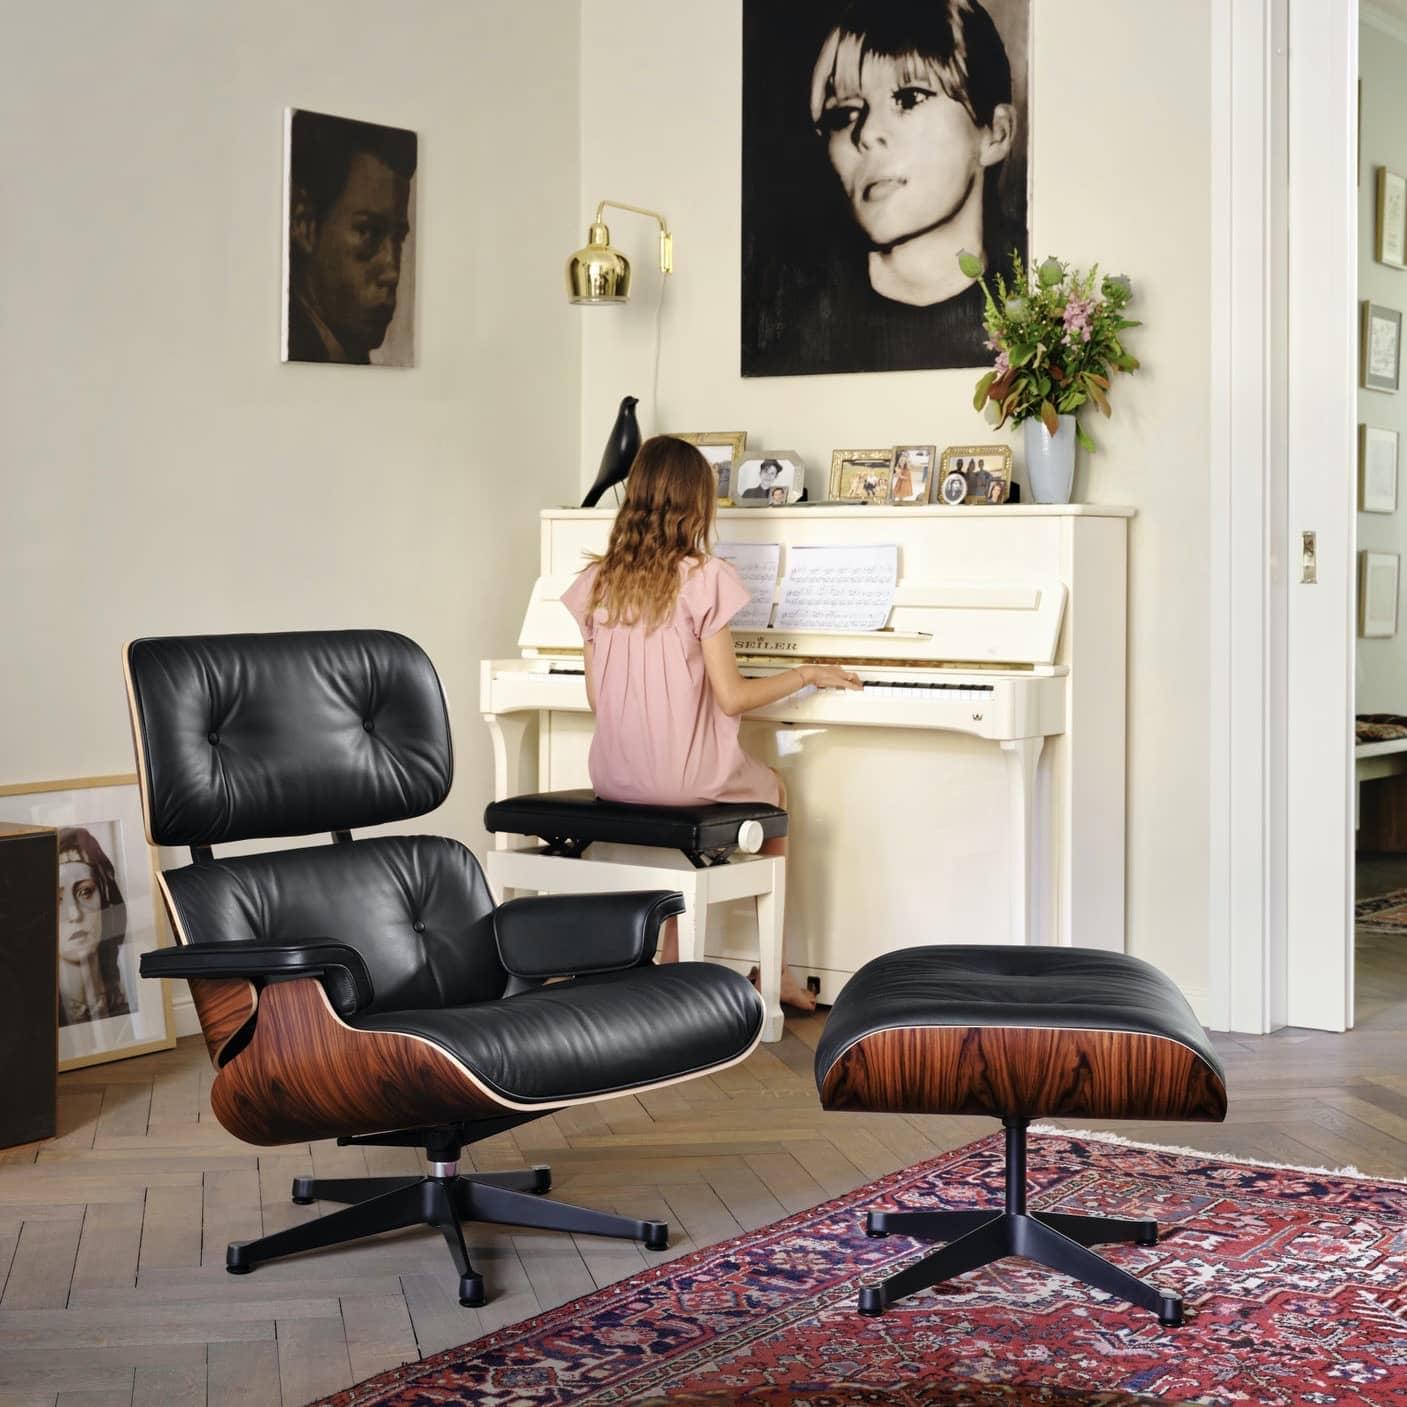 3896119_Lounge-Chair_v_fullbleed_1440xVaeq27fXz9uol